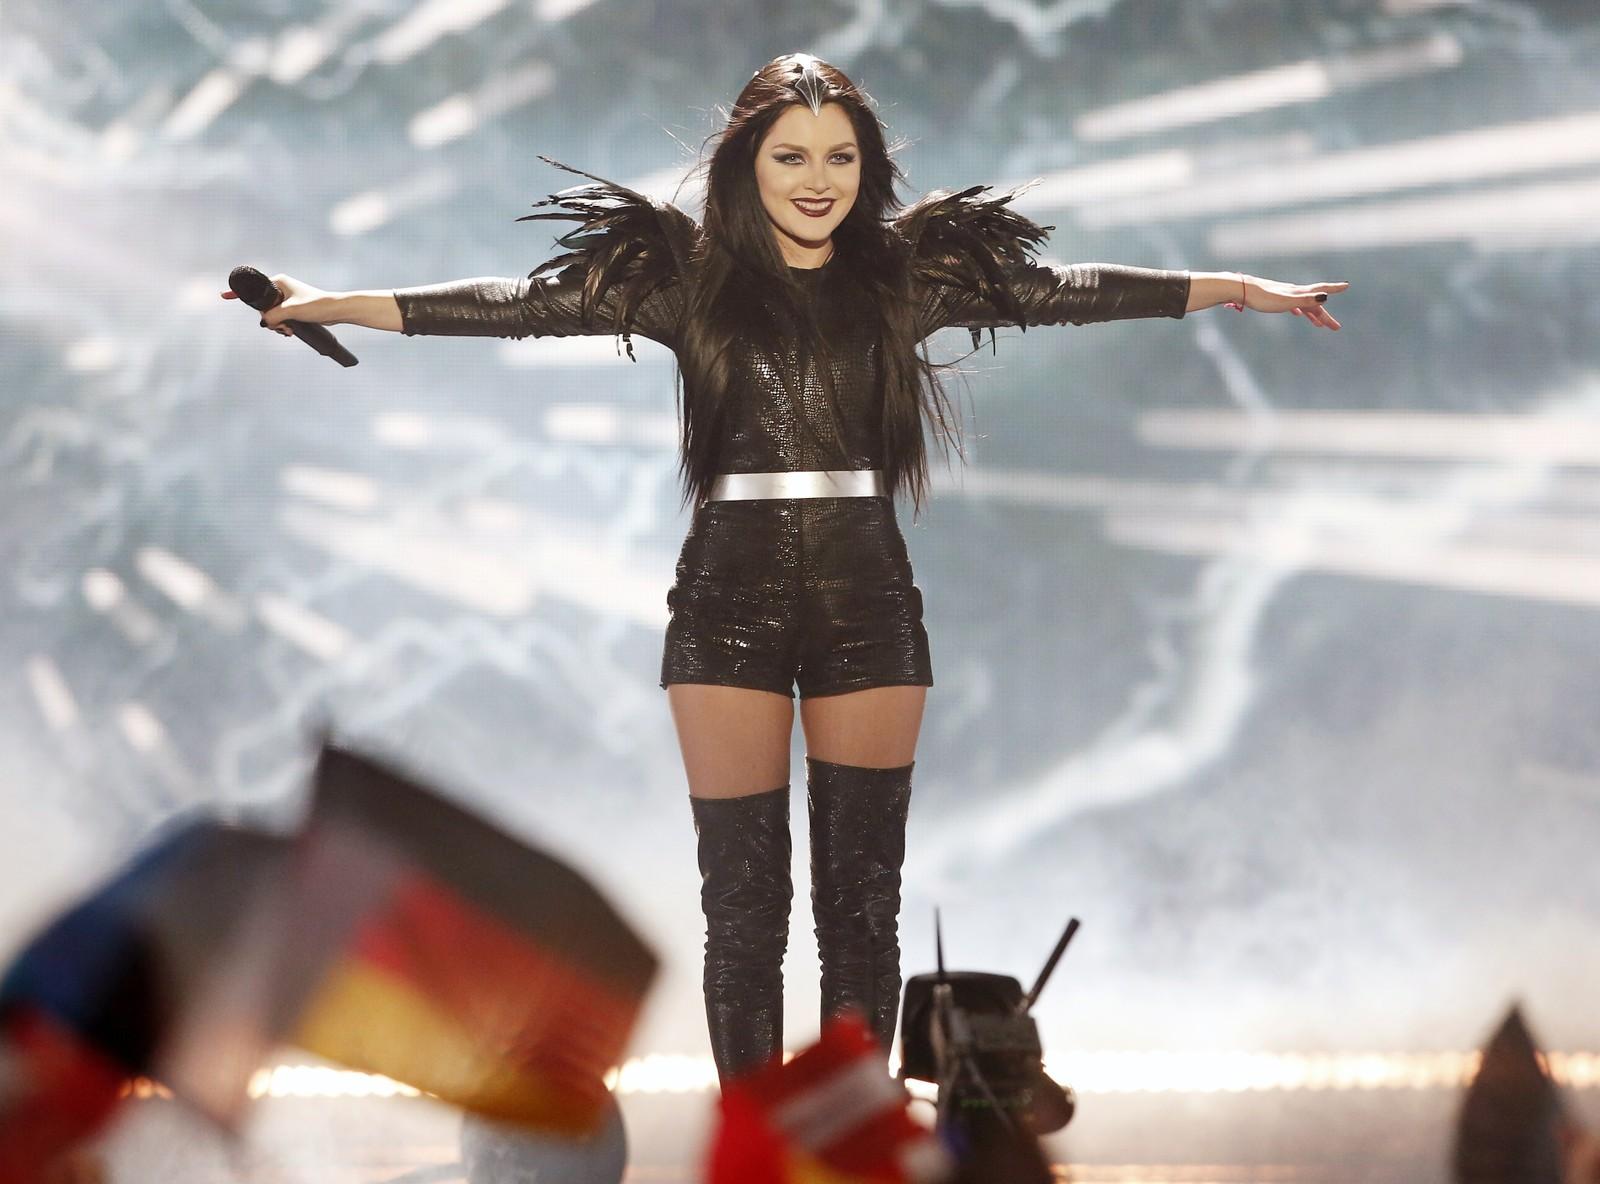 23. GEORGIA: Artisten Nina deltar i år for Georgia. Hun skal synge låten «Warrior», som hun har skrevet selv. Nina nyter allerede stor suksess i hjemlandet Georgia der hennes debutalbum i fjor var årets mestselgende album.